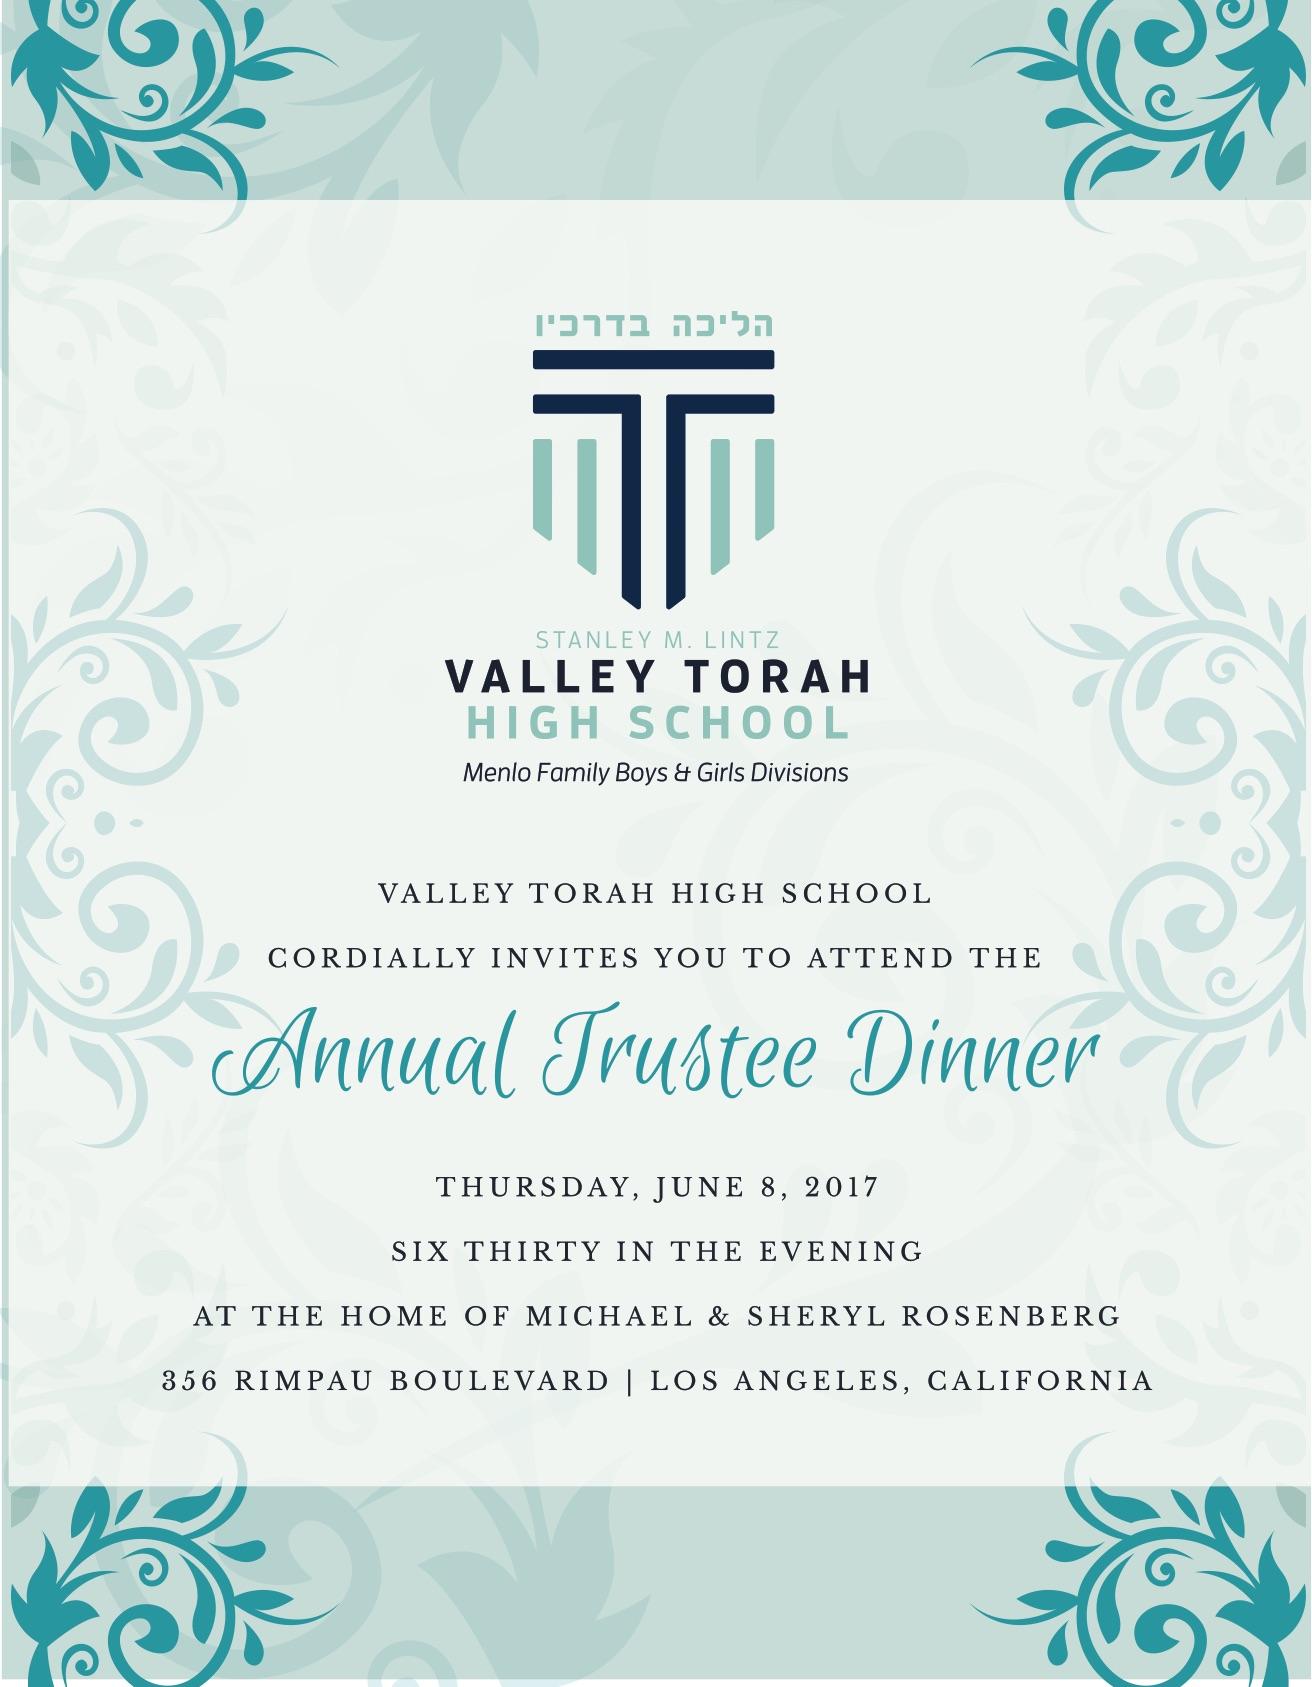 VTHS Trustee Invitation flyer.jpg